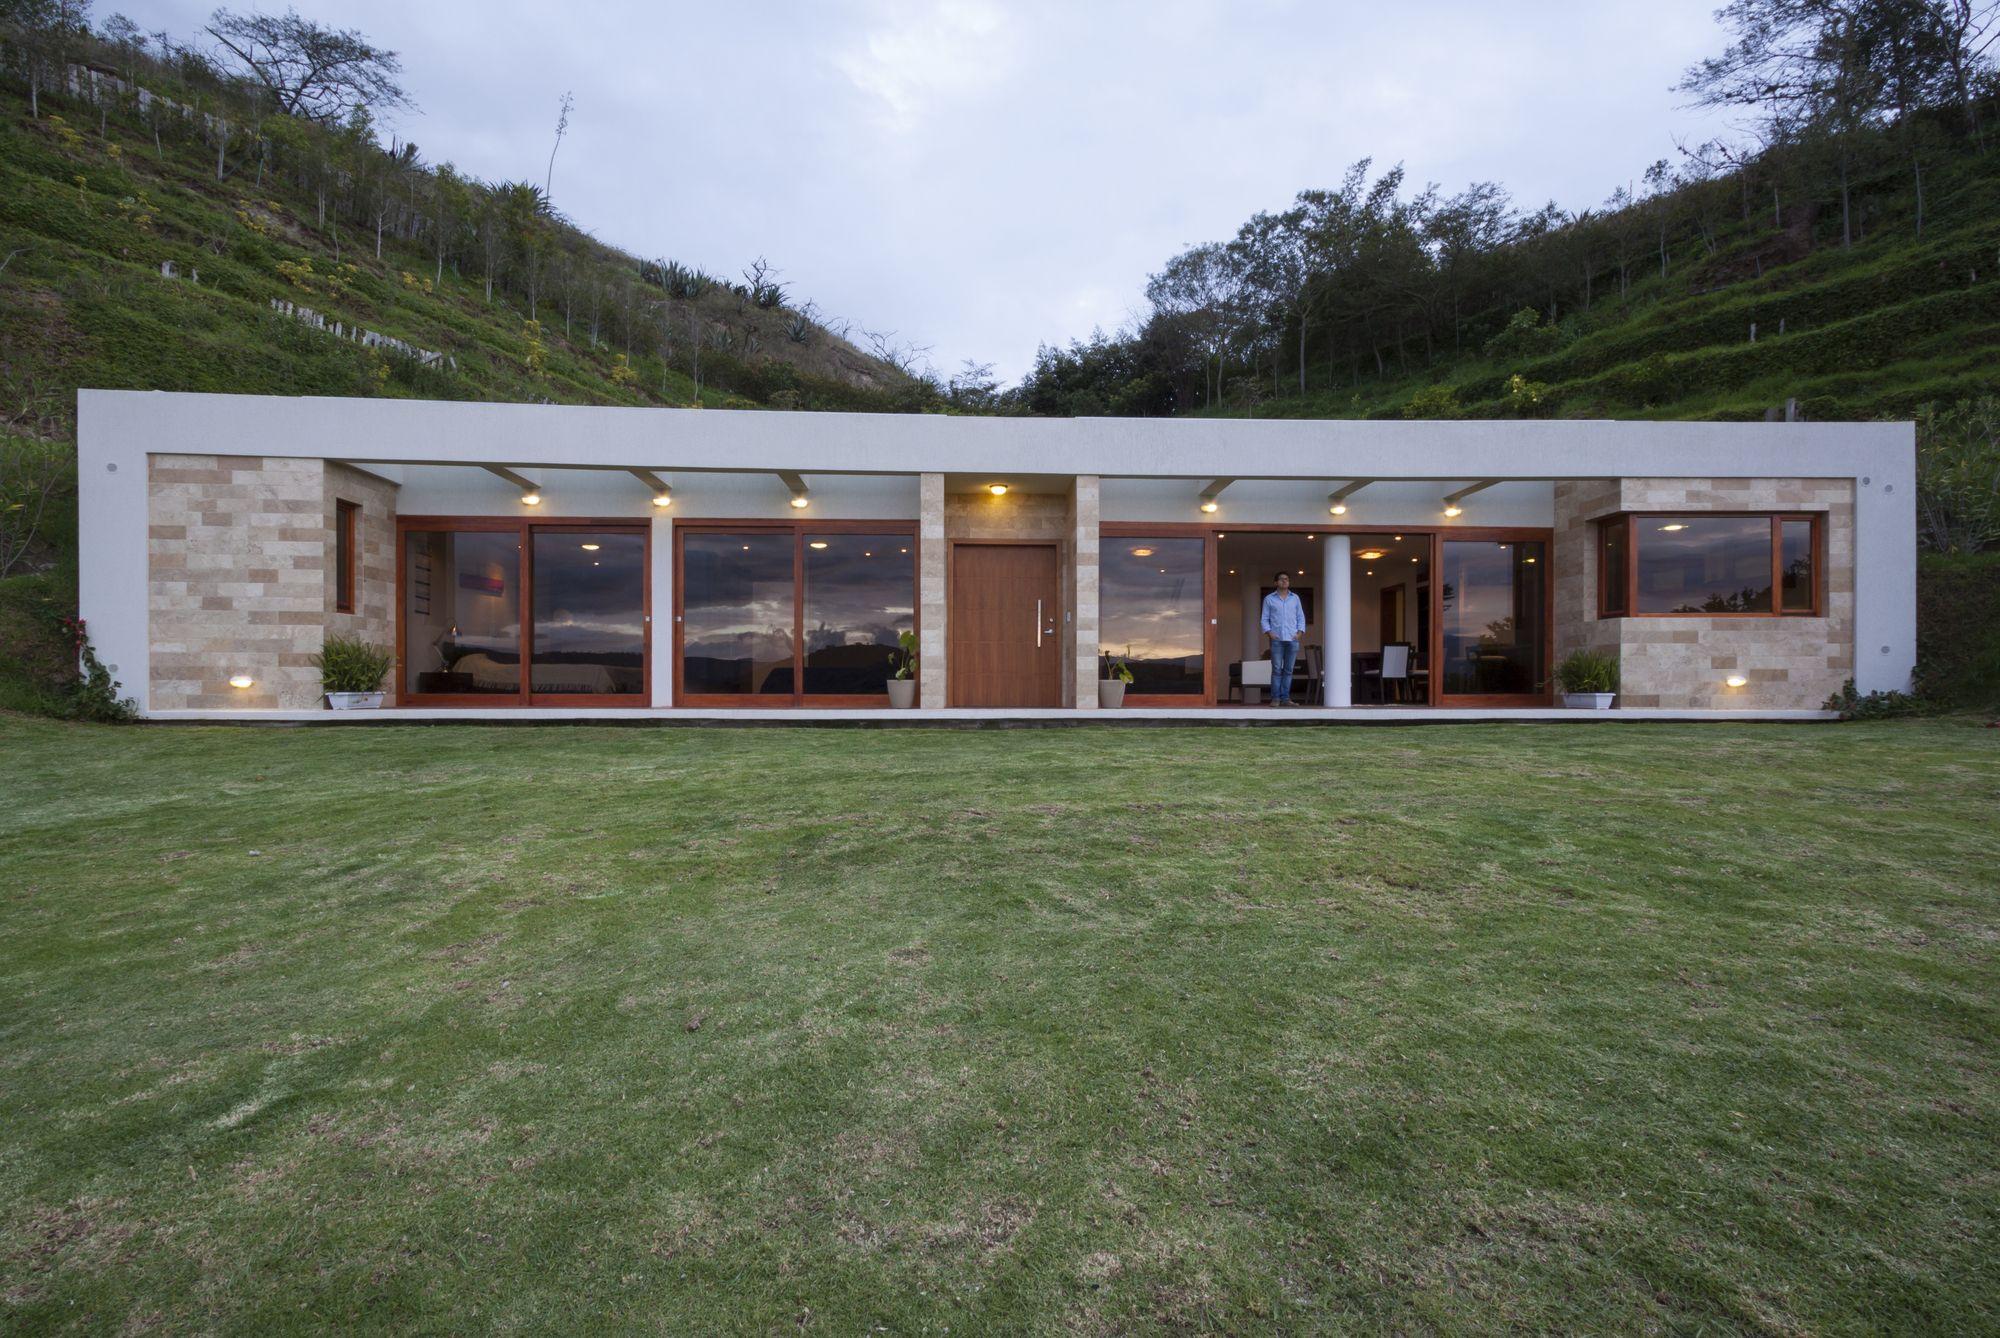 Galeria de Casa Gazebo / AR+C - 3   Architektur